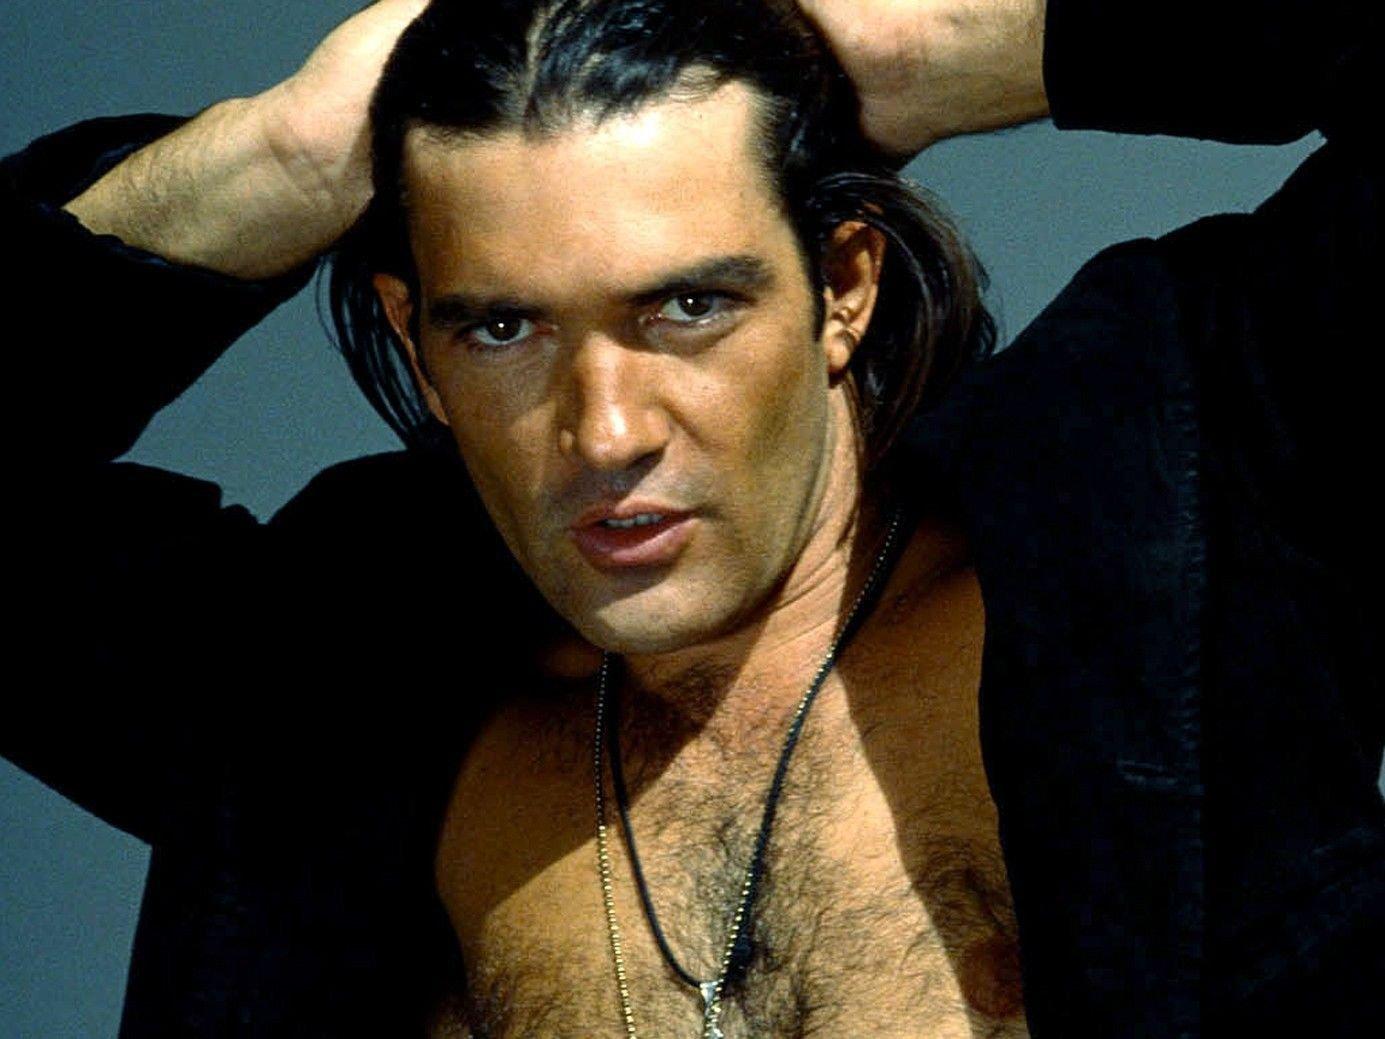 Antonio Banderas Actor Star Wall Print POSTER Decor 32x24